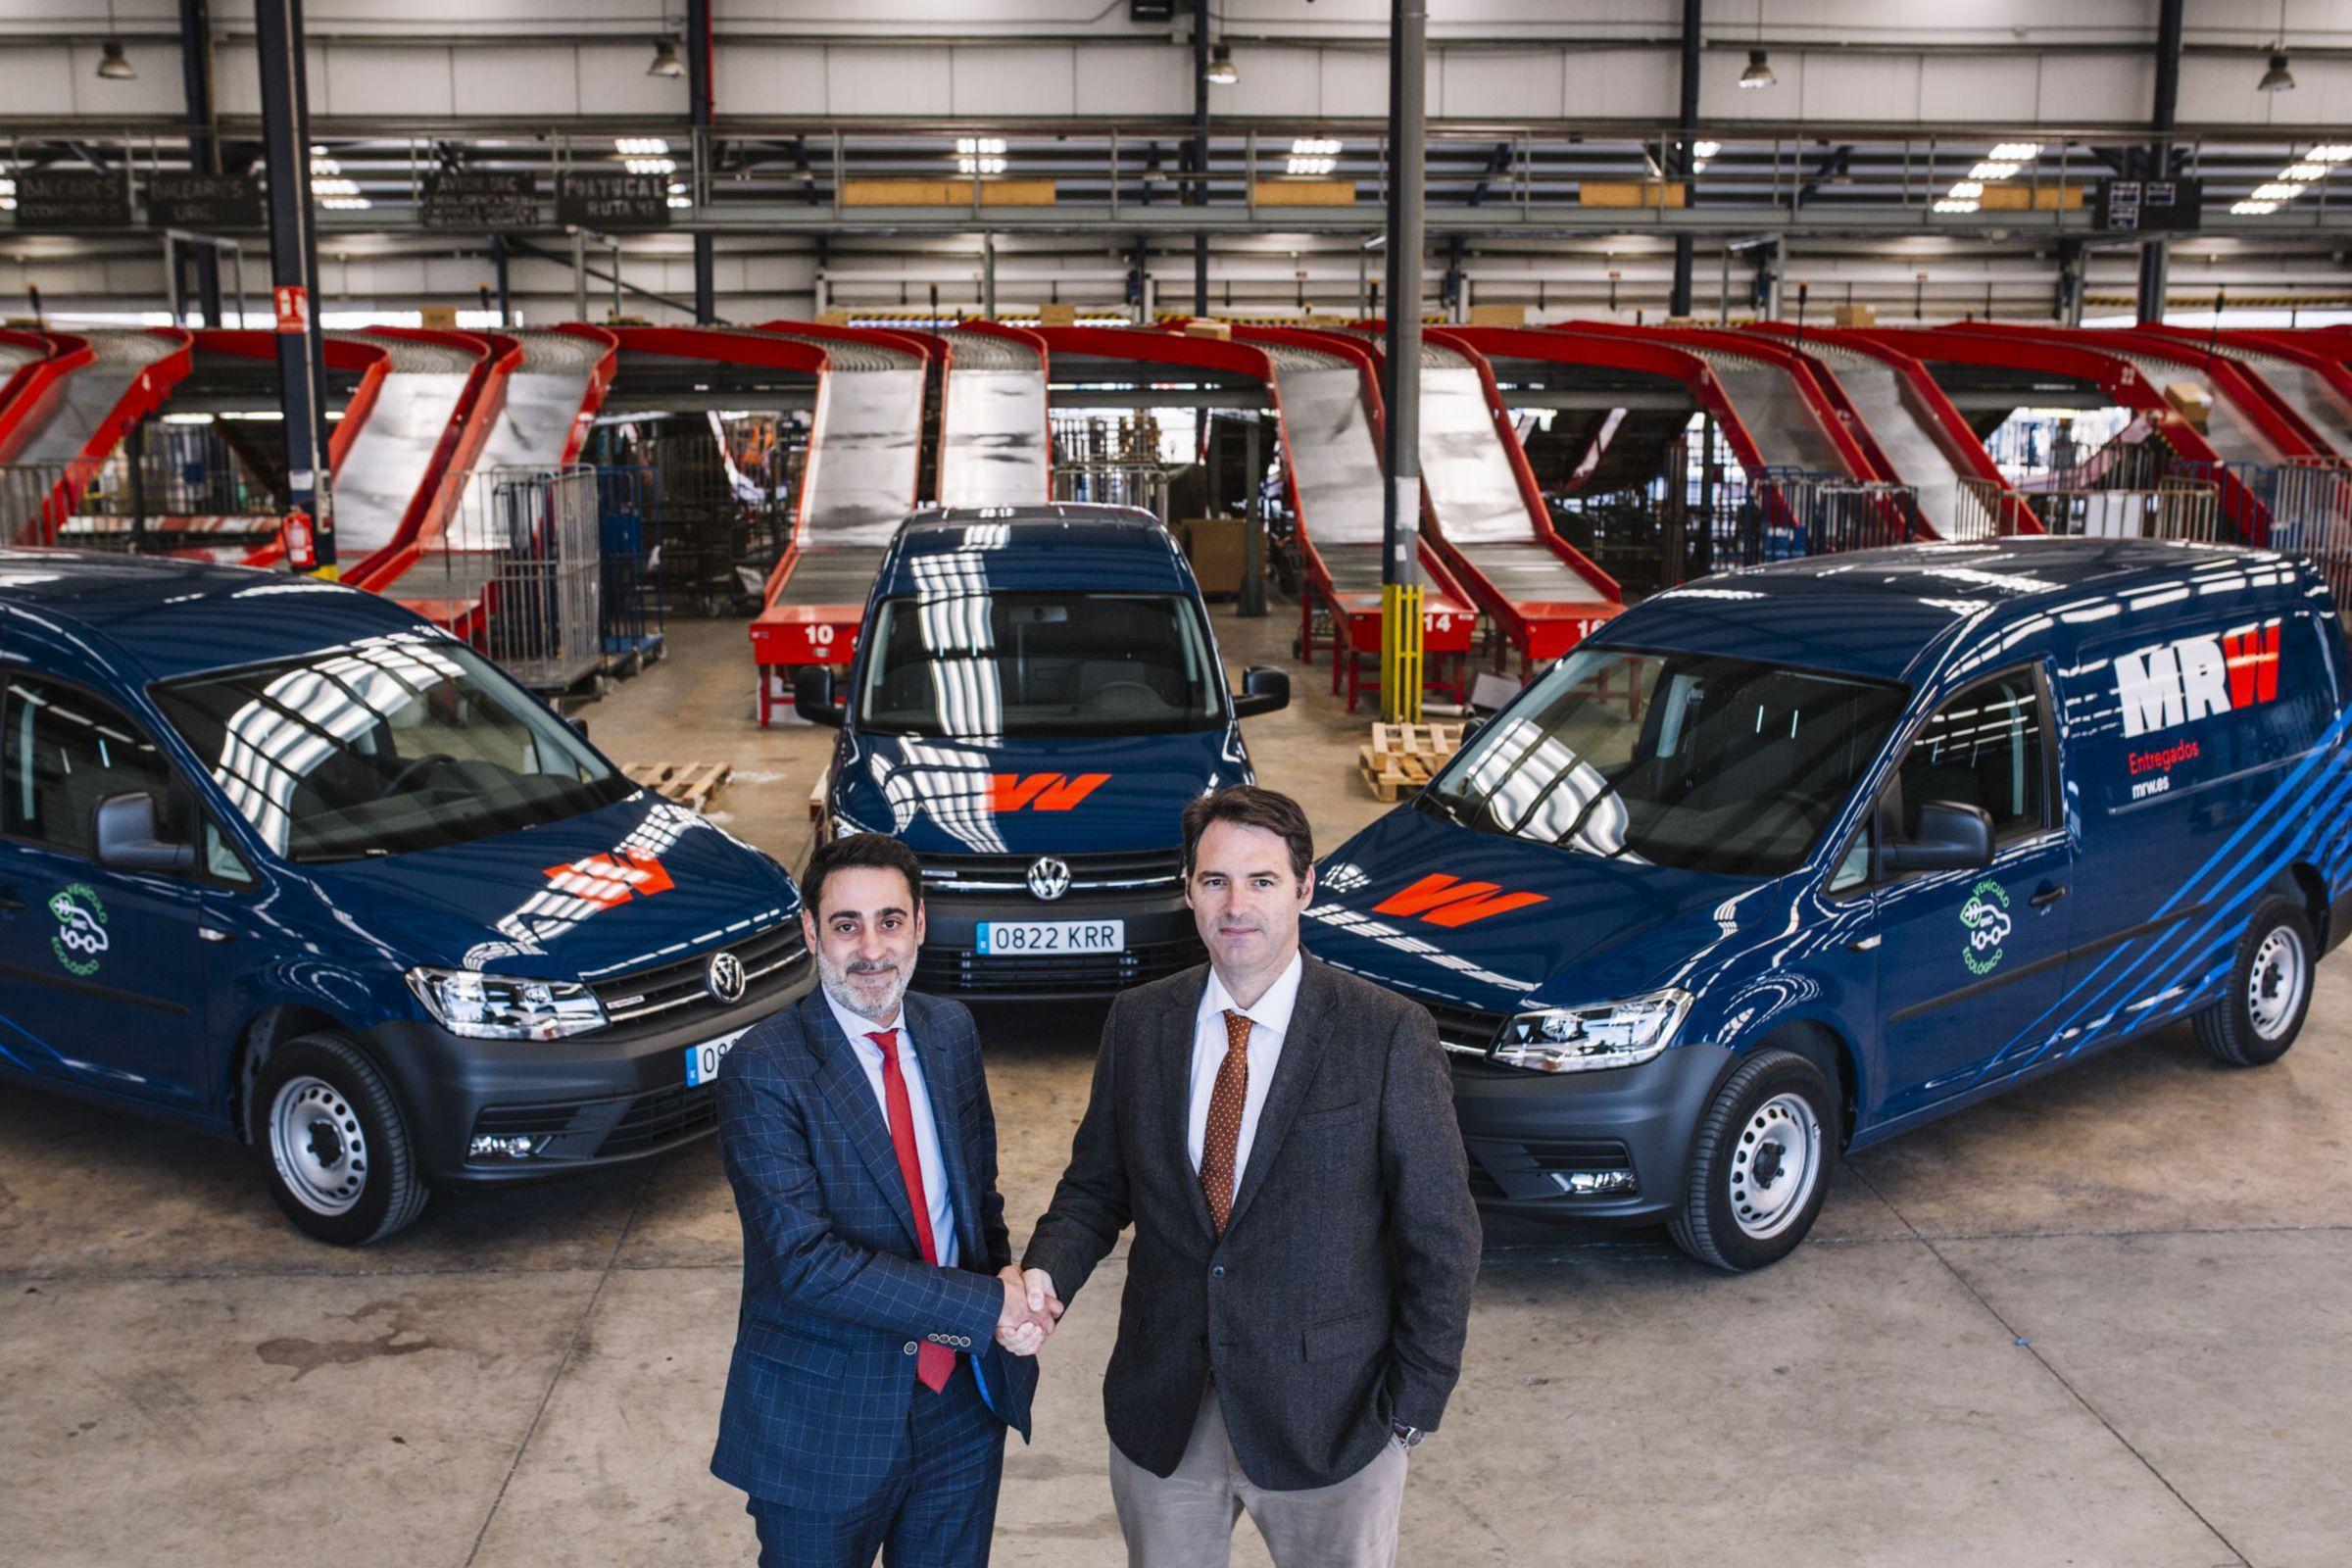 Volkswagen Vehículos Comerciales y MRW unidos por la Sostenibilidad